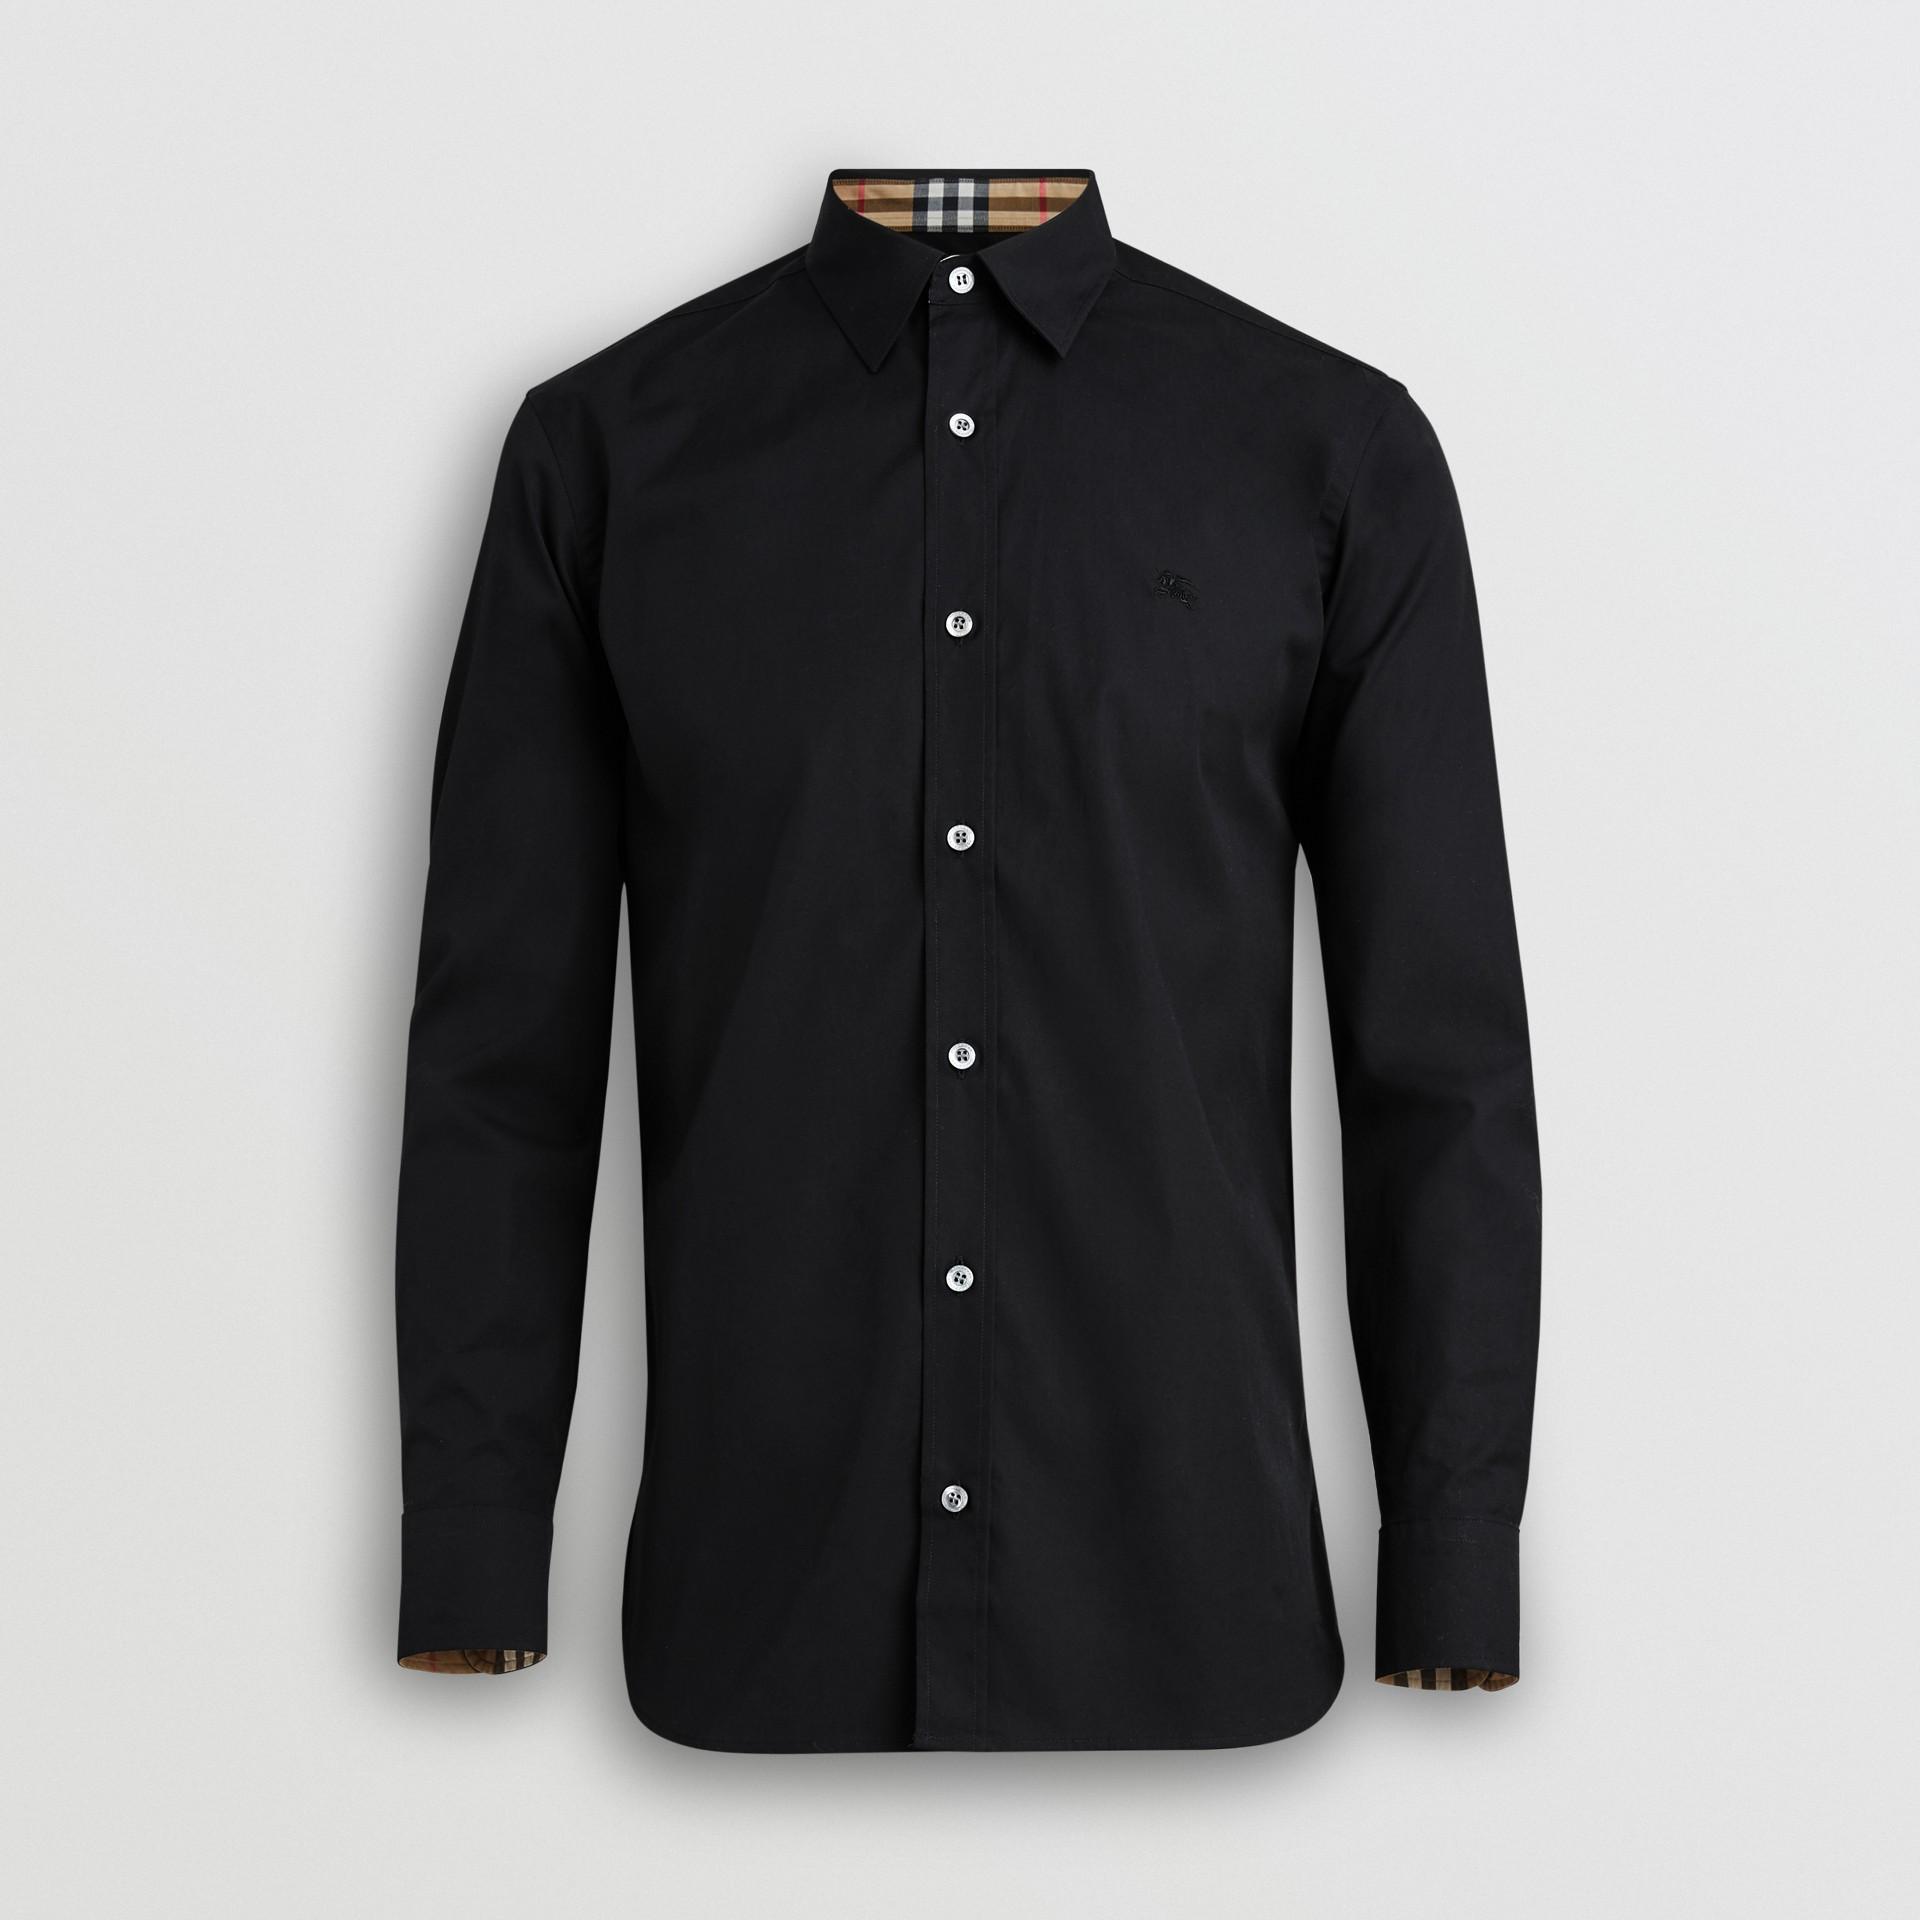 Chemise en popeline de coton extensible avec poignets à motif check (Noir) - Homme | Burberry Canada - photo de la galerie 3